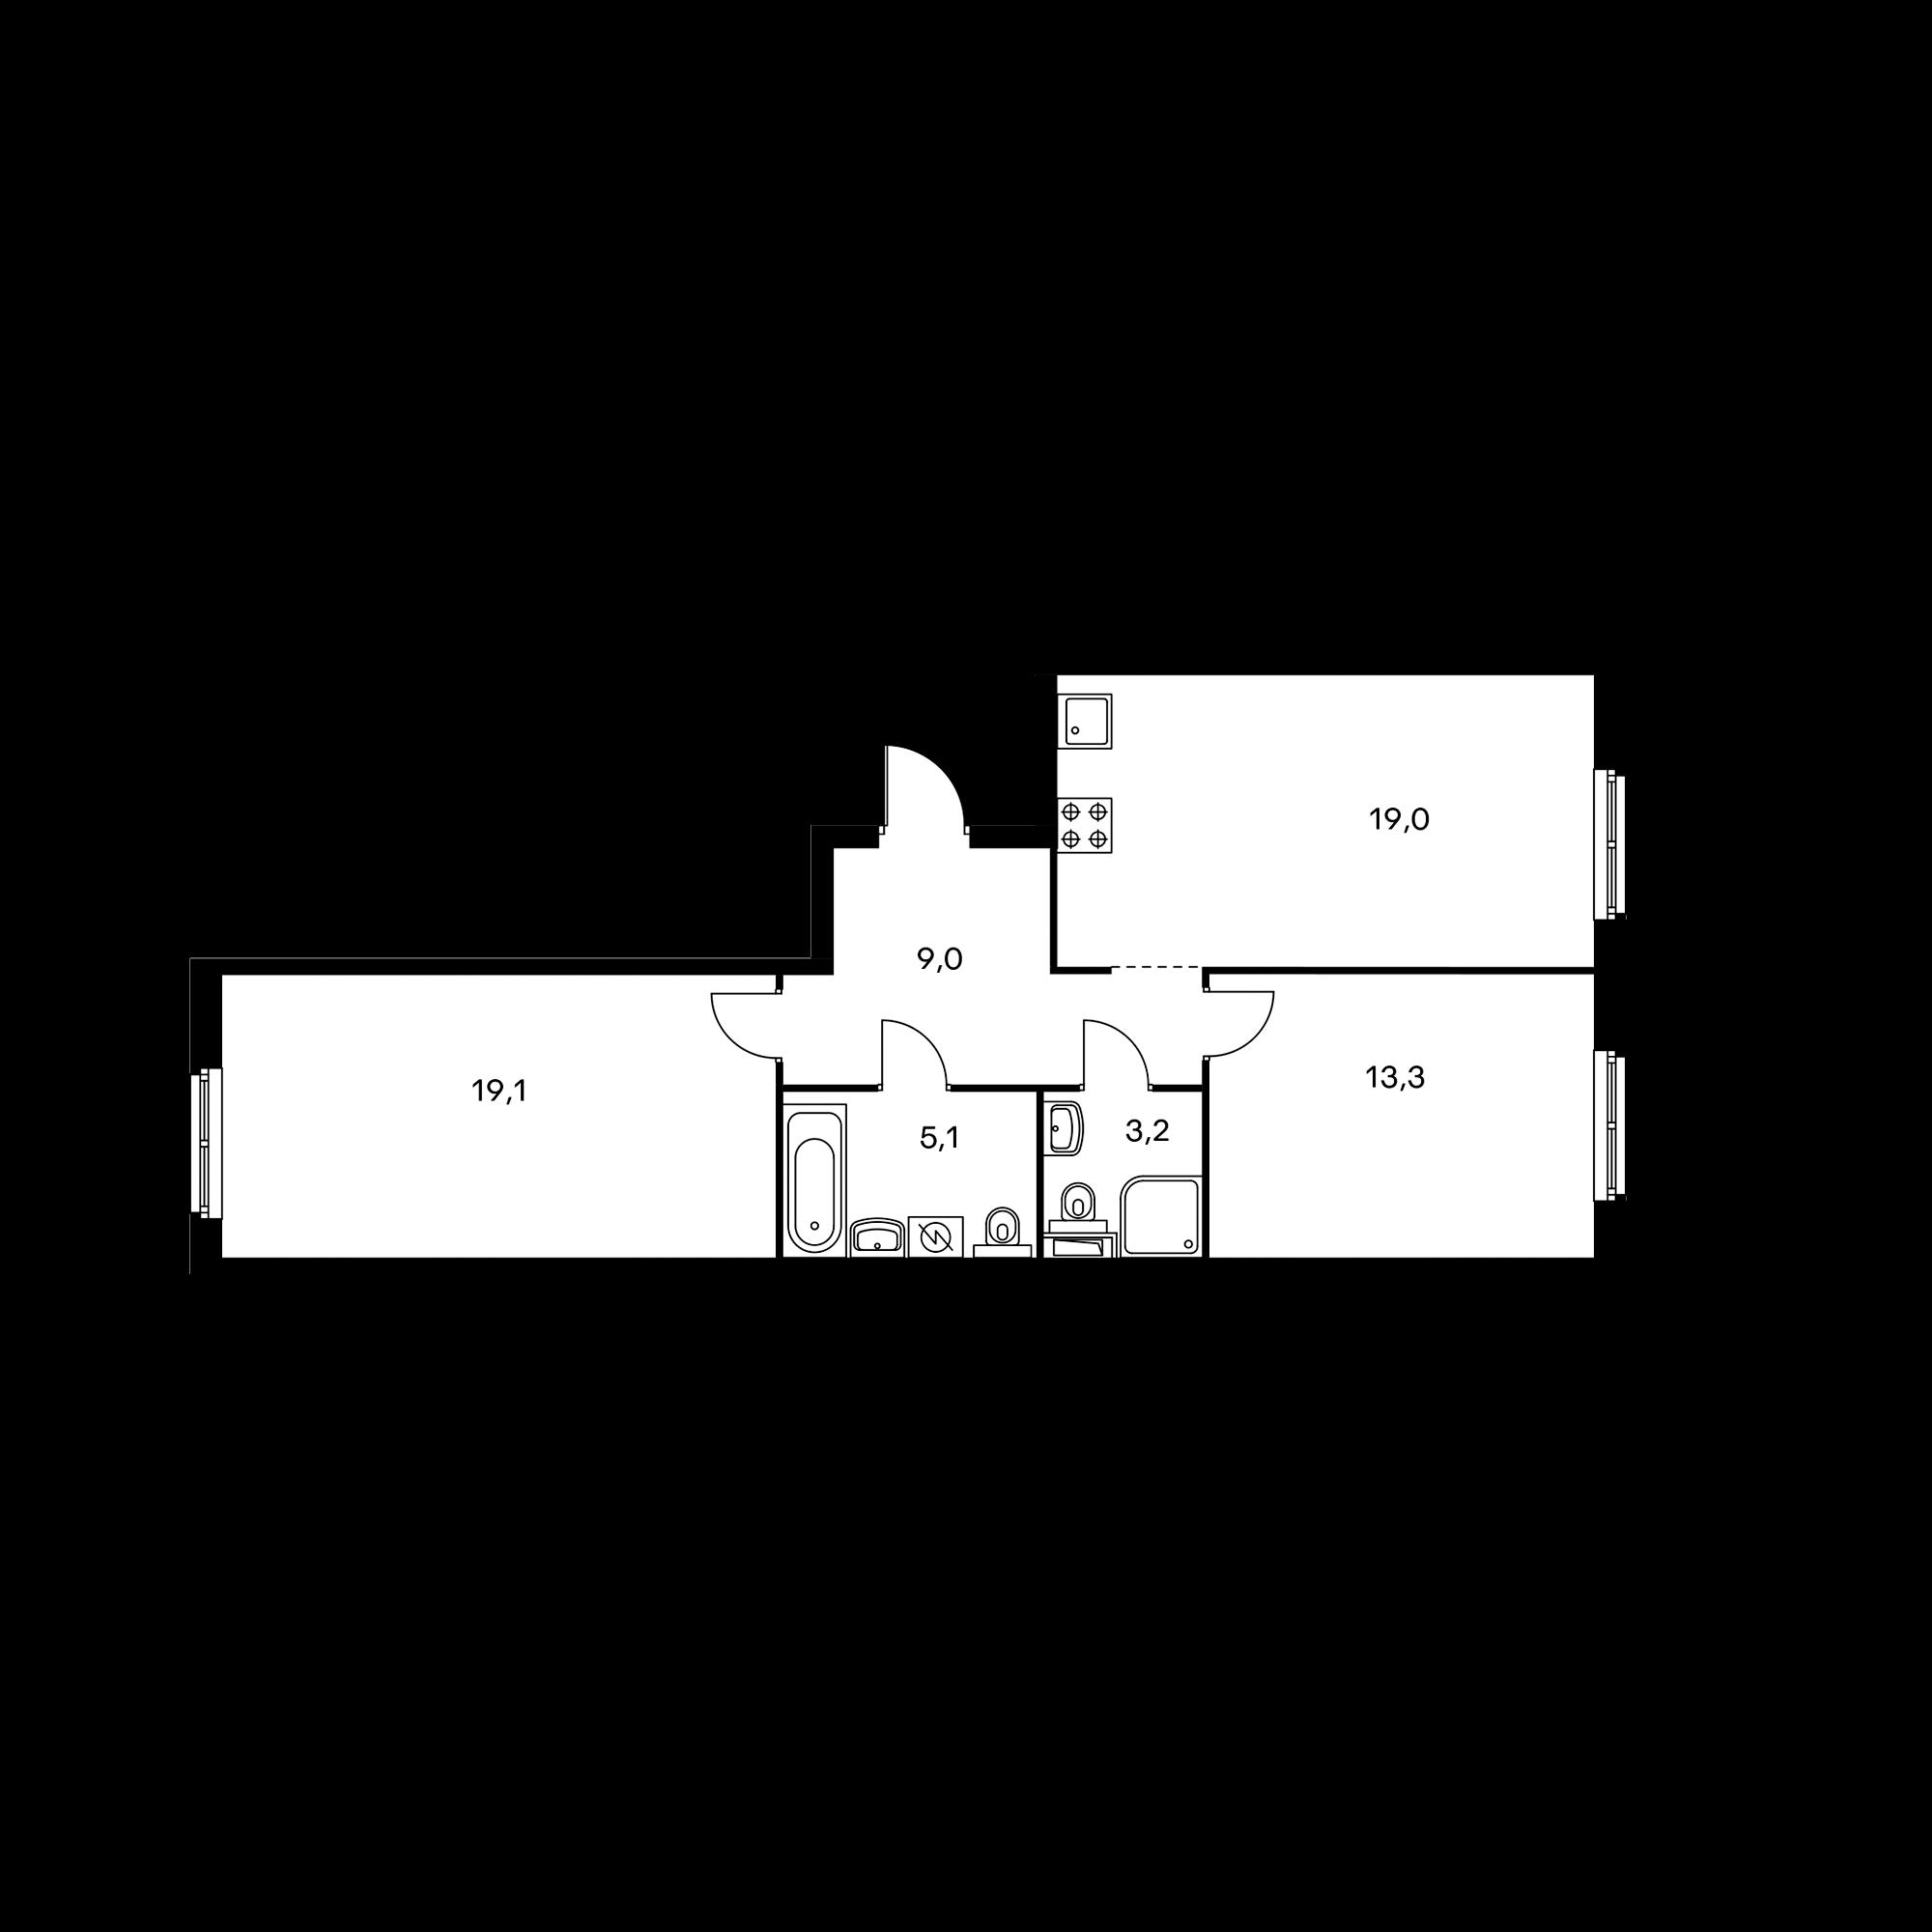 2EL3_6.6-T